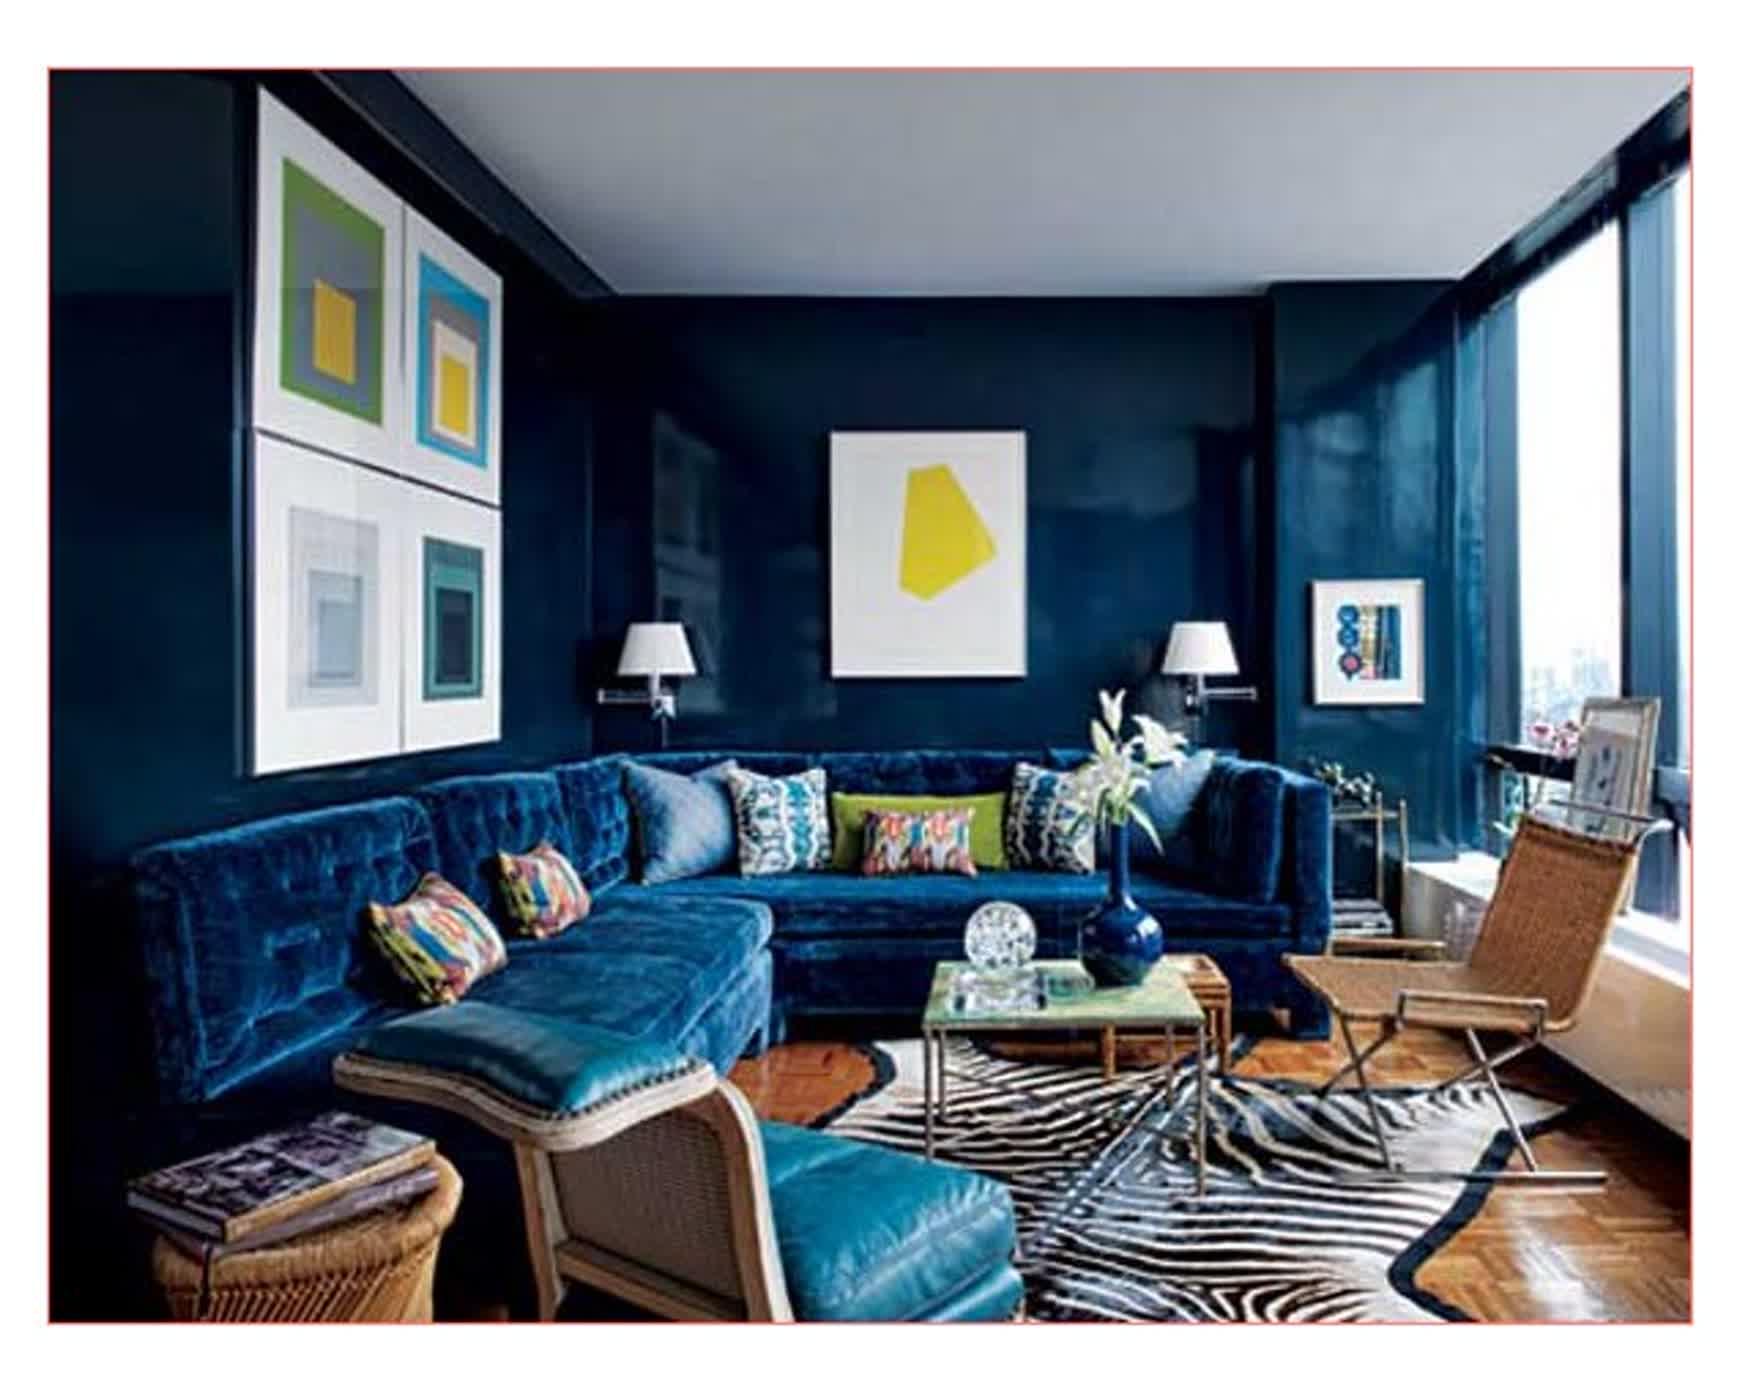 Sofa Azul Marino X8d1 Decorativos Relacionados Con El Artà Culo sobre El sofà Azul Marino A